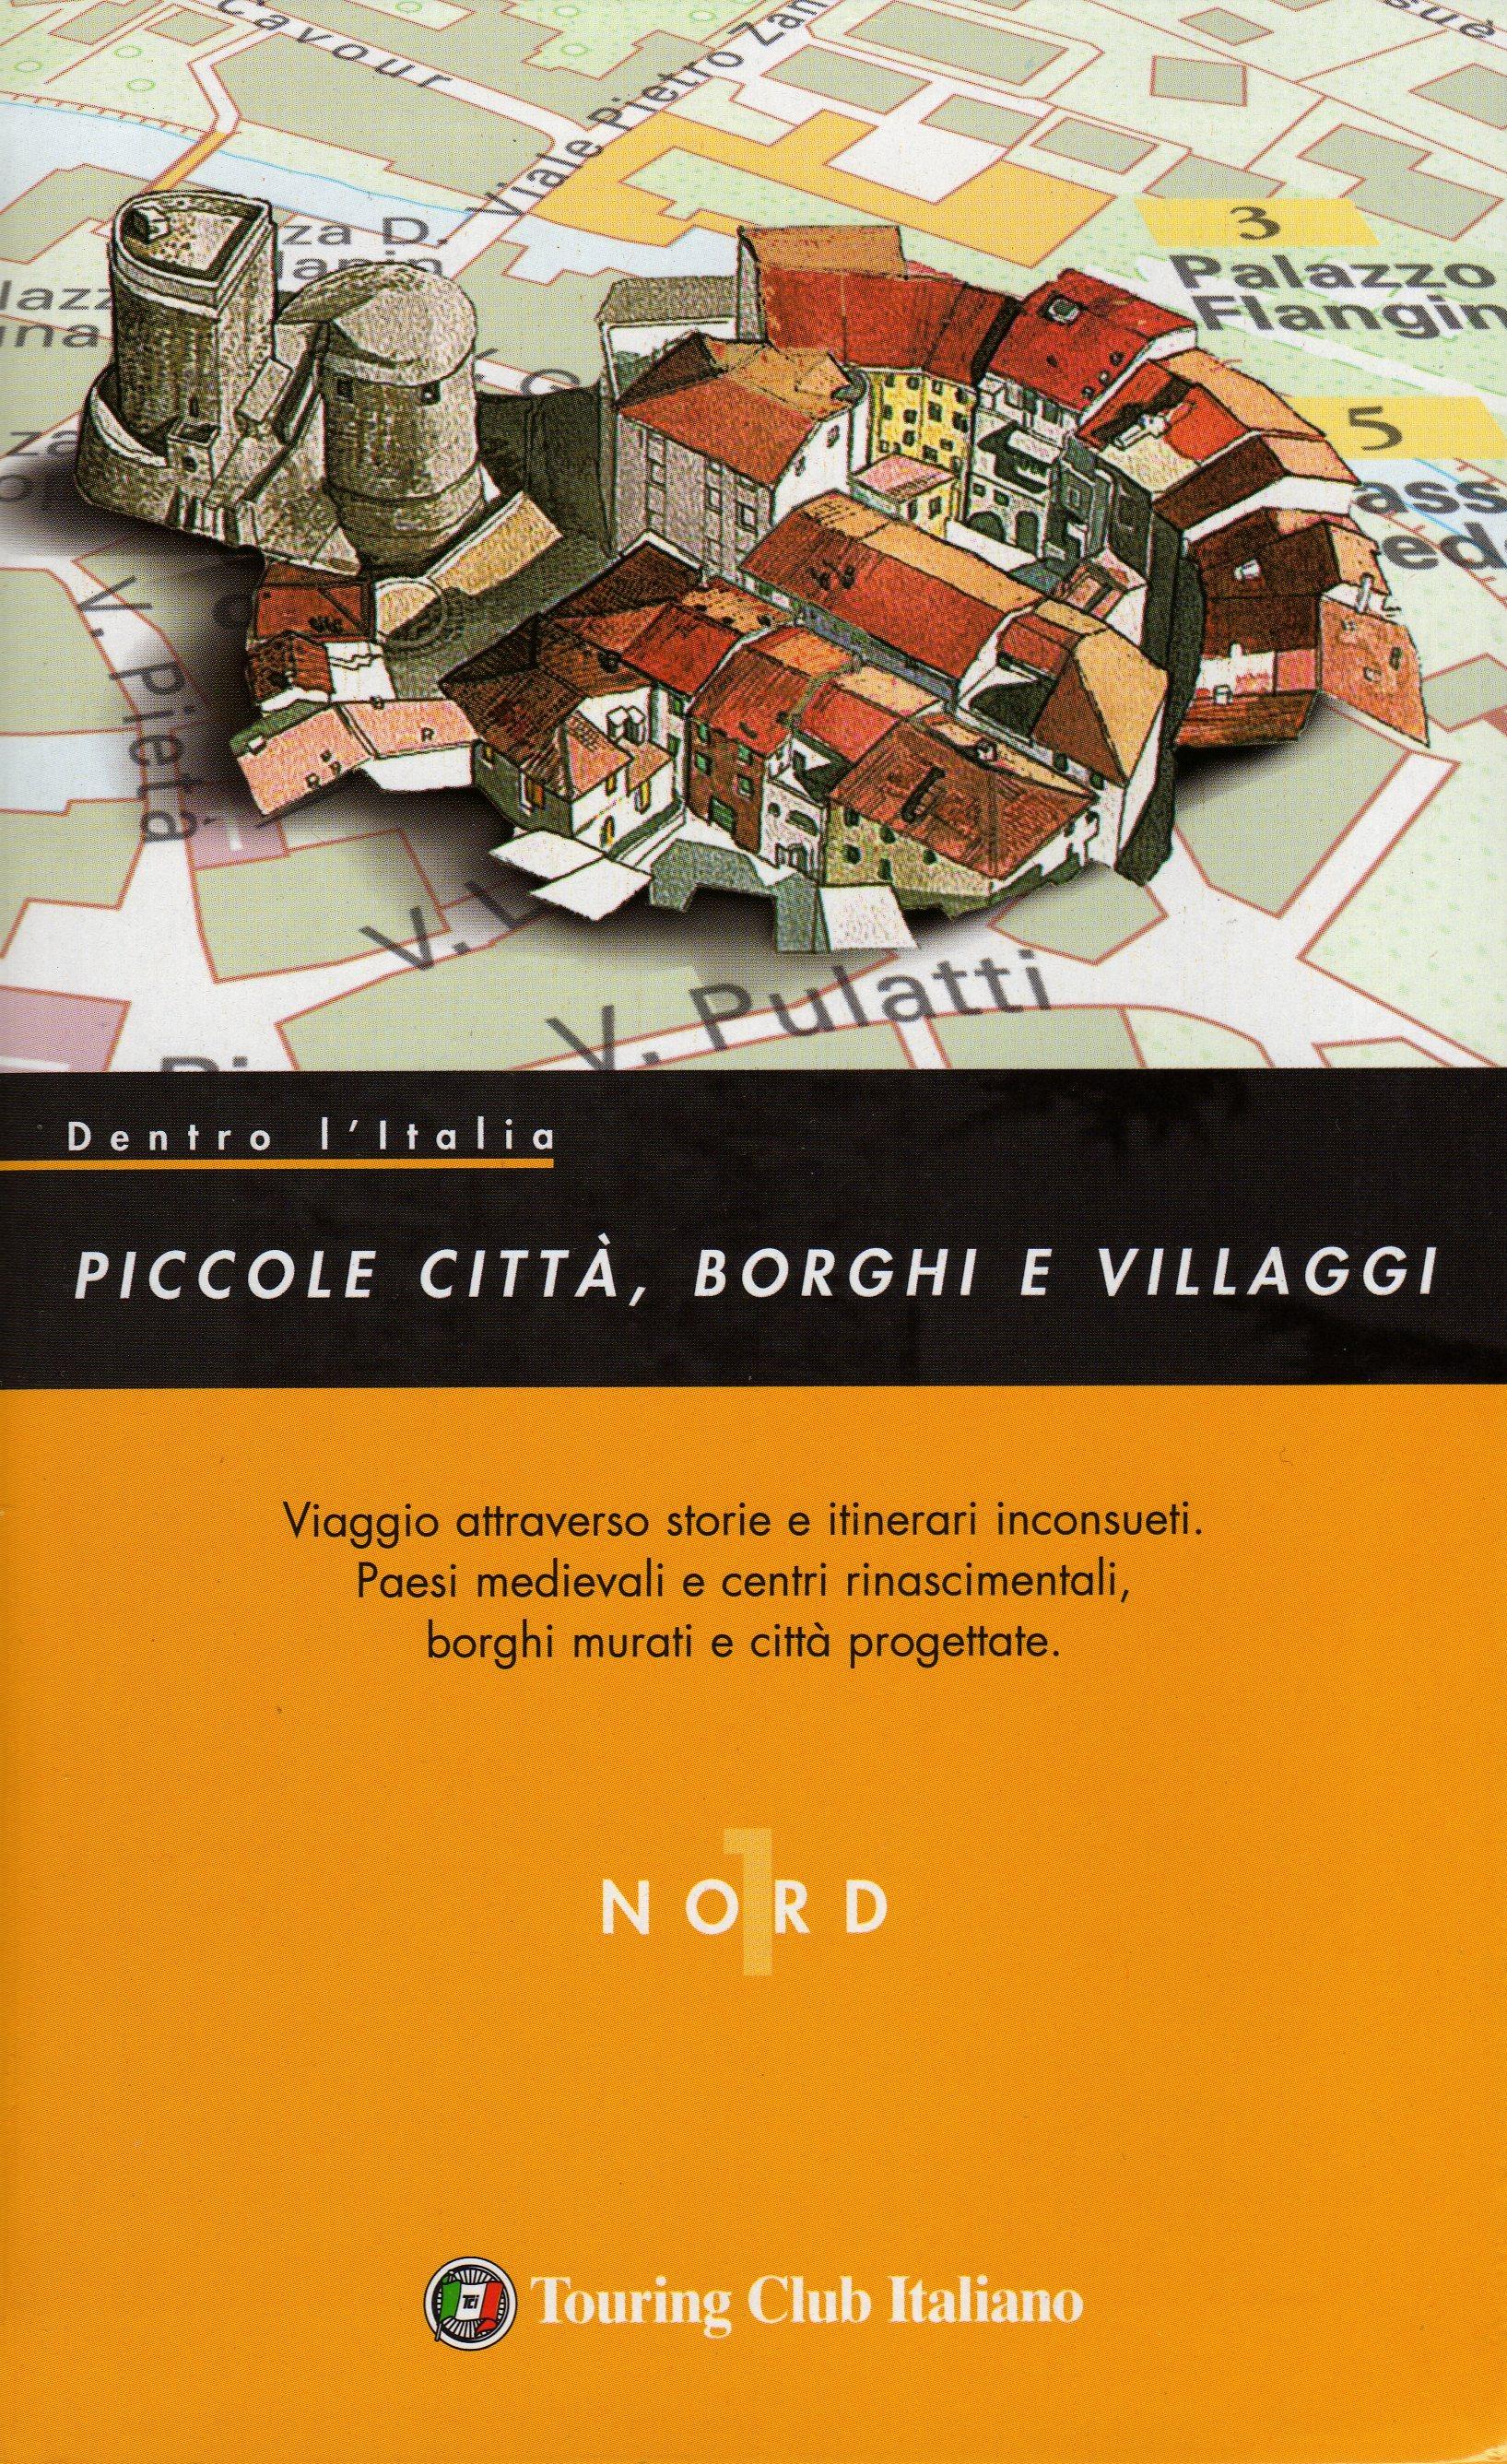 Dentro l'Italia - Piccole città, borghi e villaggi. 1-Nord